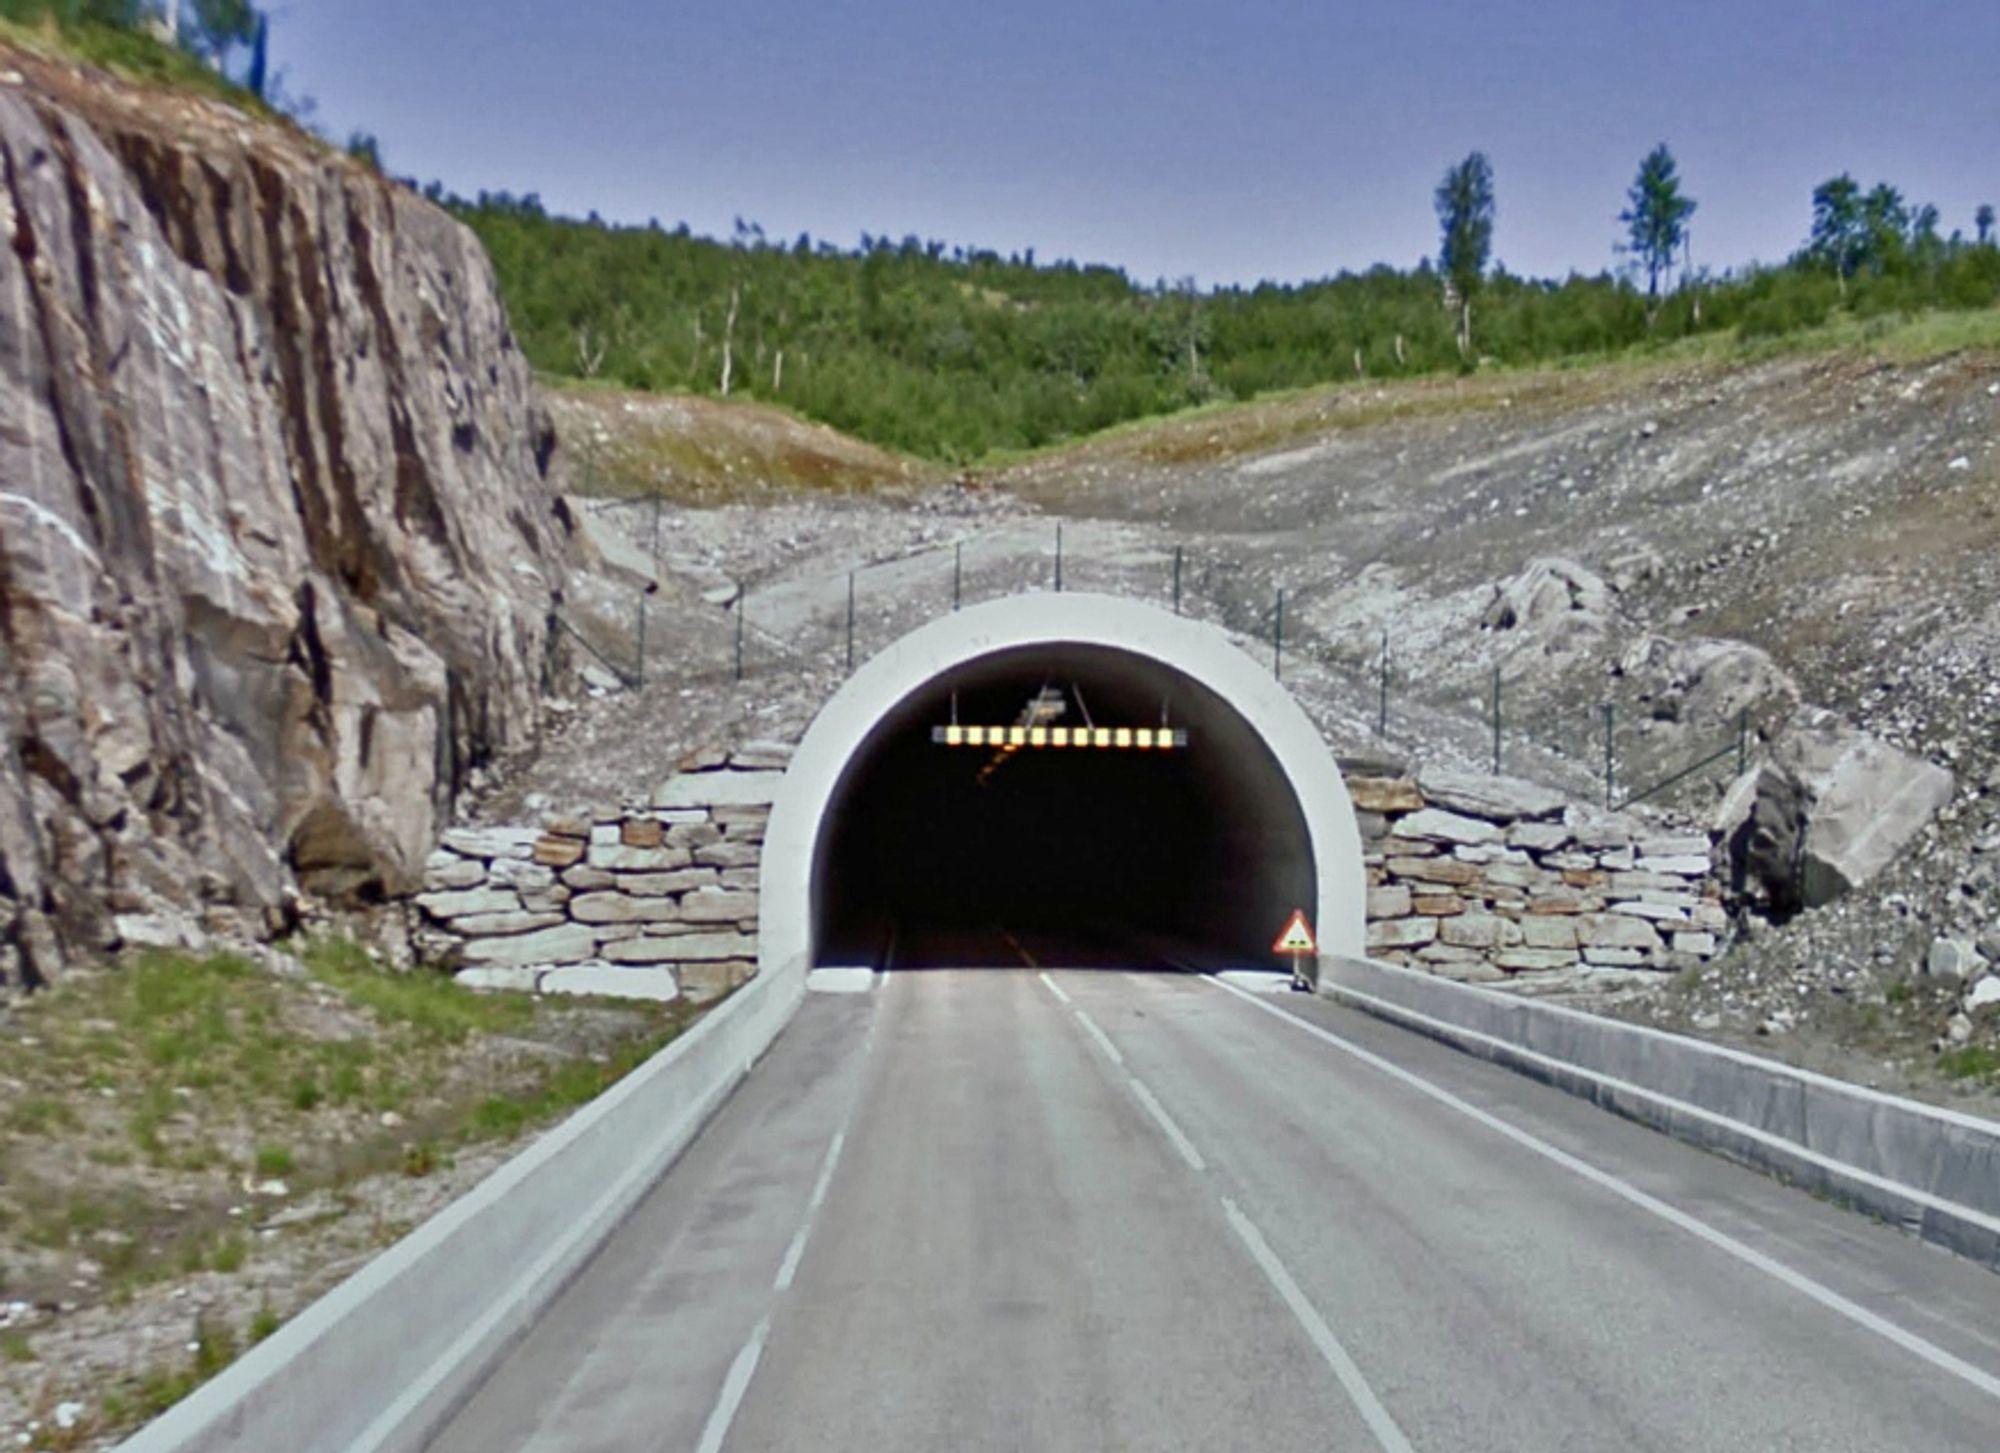 Umskartunnelen stenges for oppgradering i mai. 11. april går fristen ut for å gi anbud på den jobben.